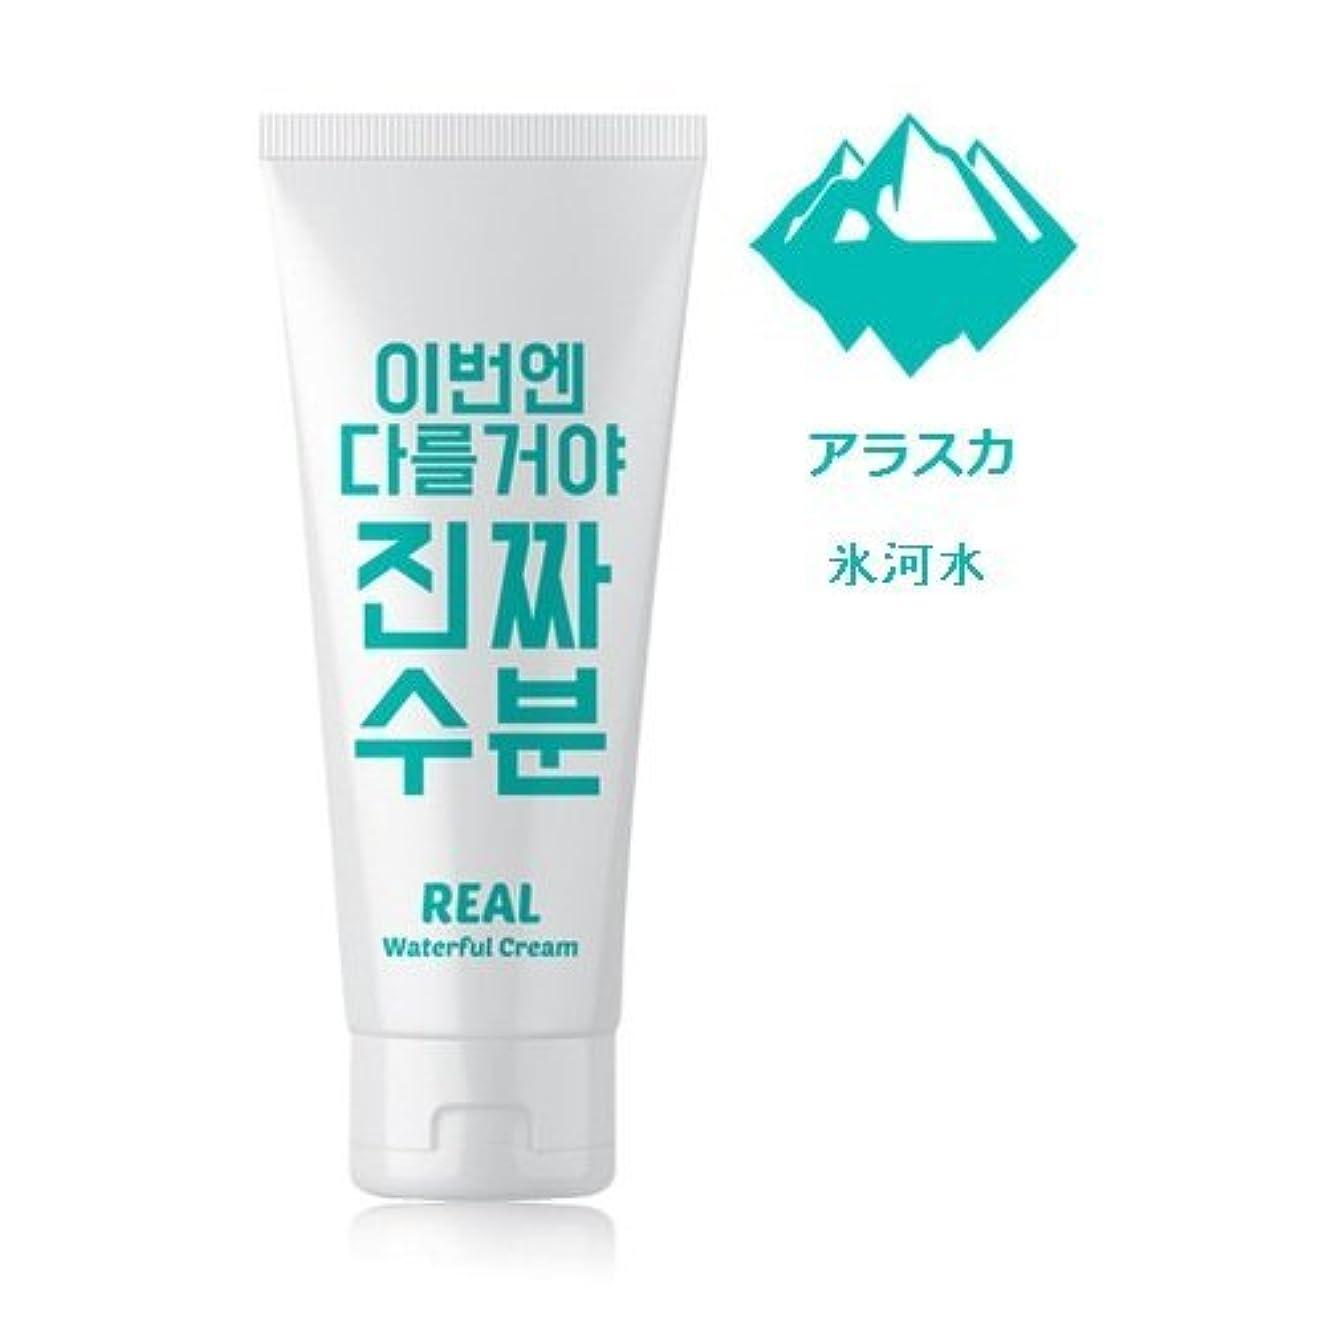 誕生日反対する餌[1+1]Jaminkyung [FREE MARK] Real Waterful Cream 200g*2EA ジャミンギョン[フリーマーク]今度は違うぞ!! 本当の水分クリーム [並行輸入品]